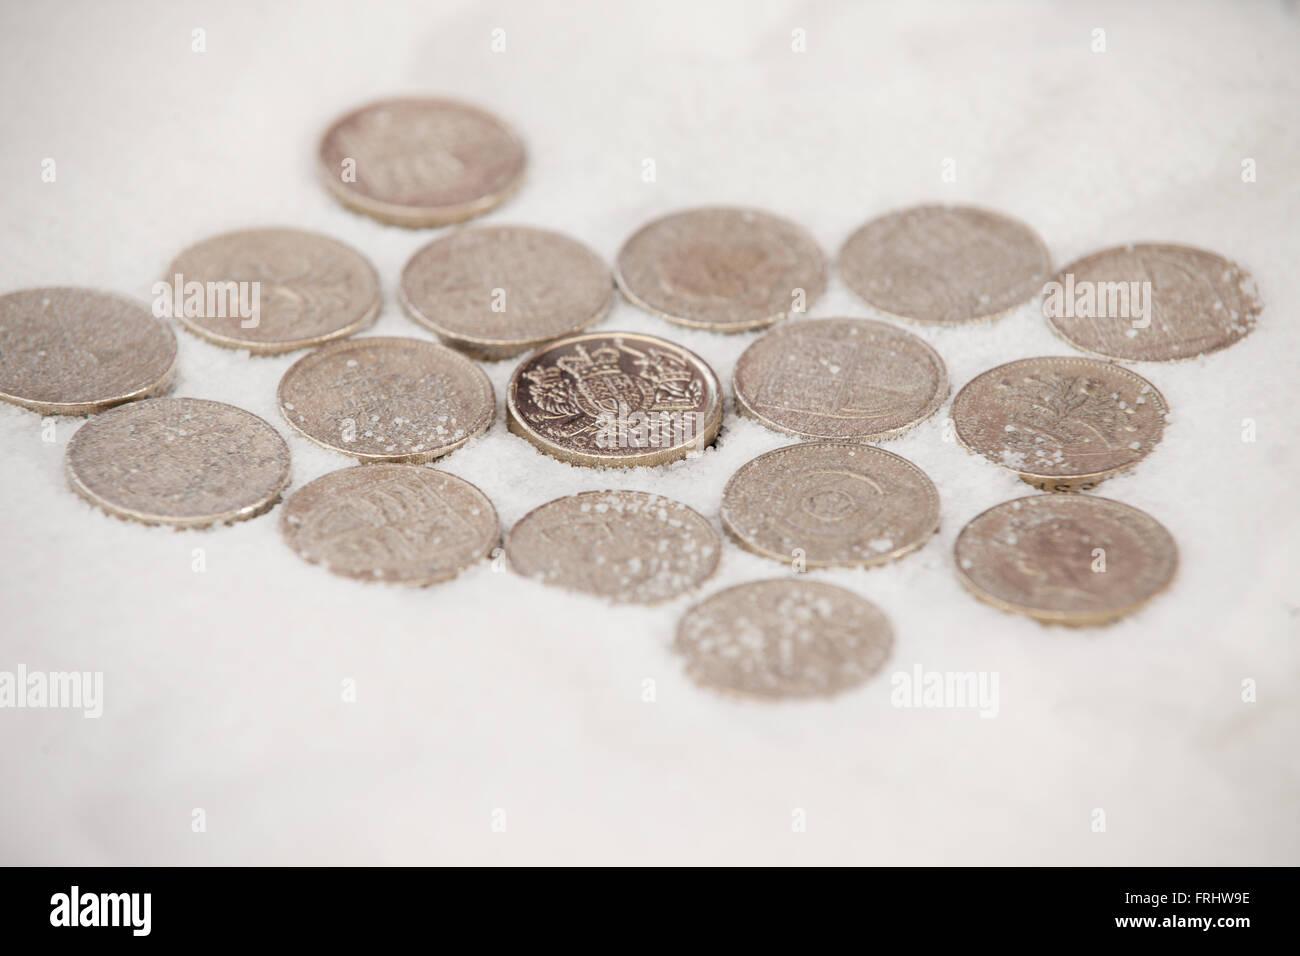 Pfund-Münzen halb begraben in Zucker Stockbild